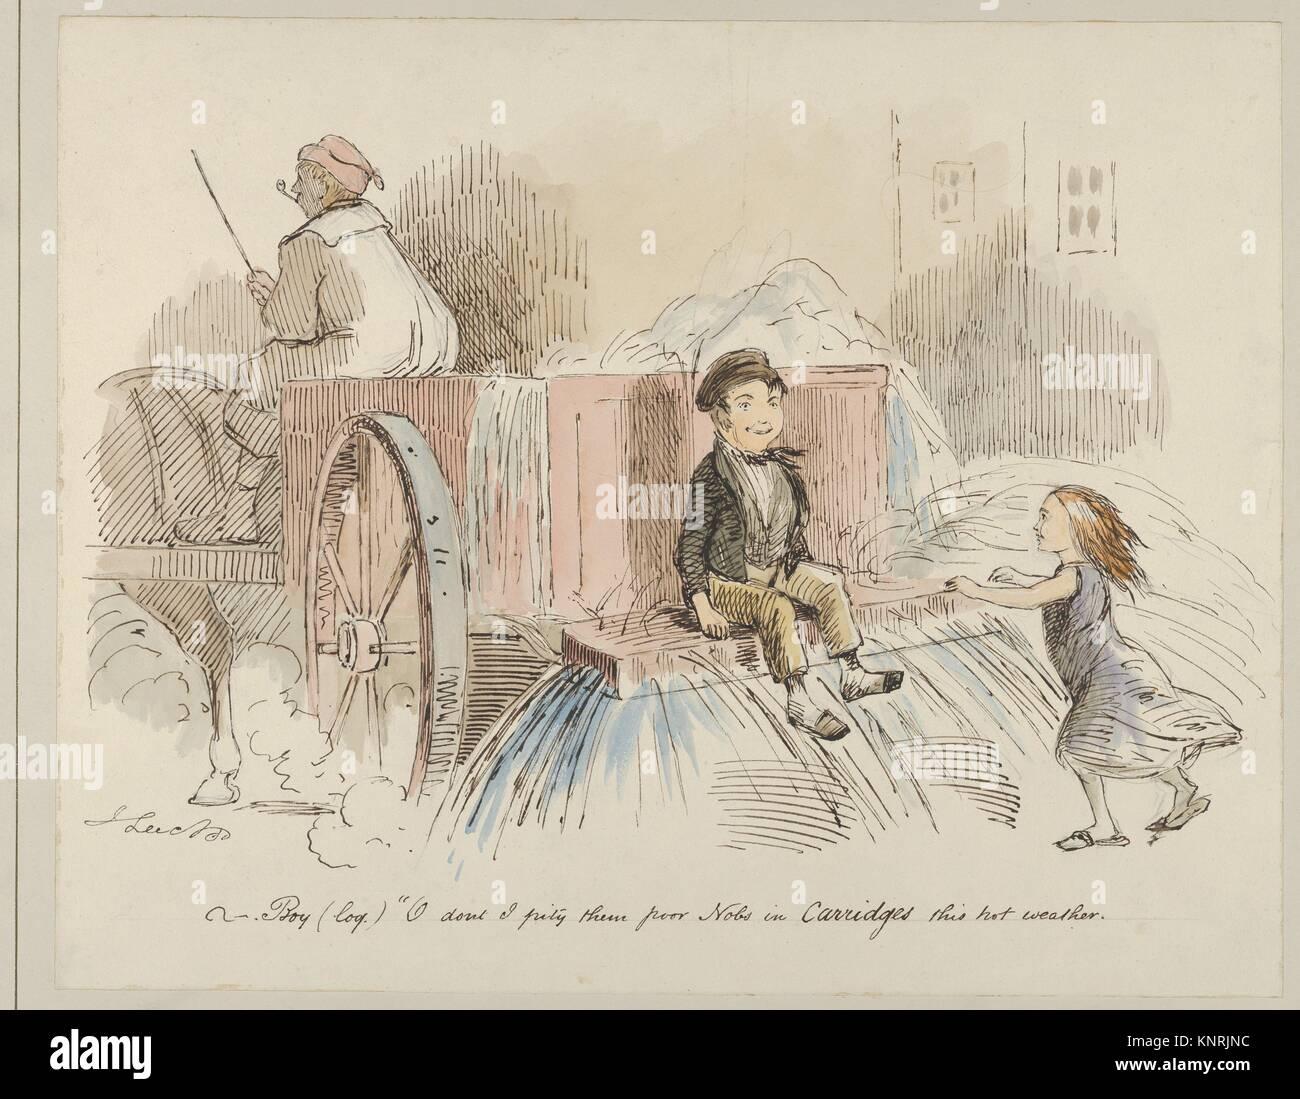 Ragazzo (LOQ.) o non ho pietà di loro poveri Nobs in carrelli questo caldo. Artista: John Leech (British, Londra Immagini Stock